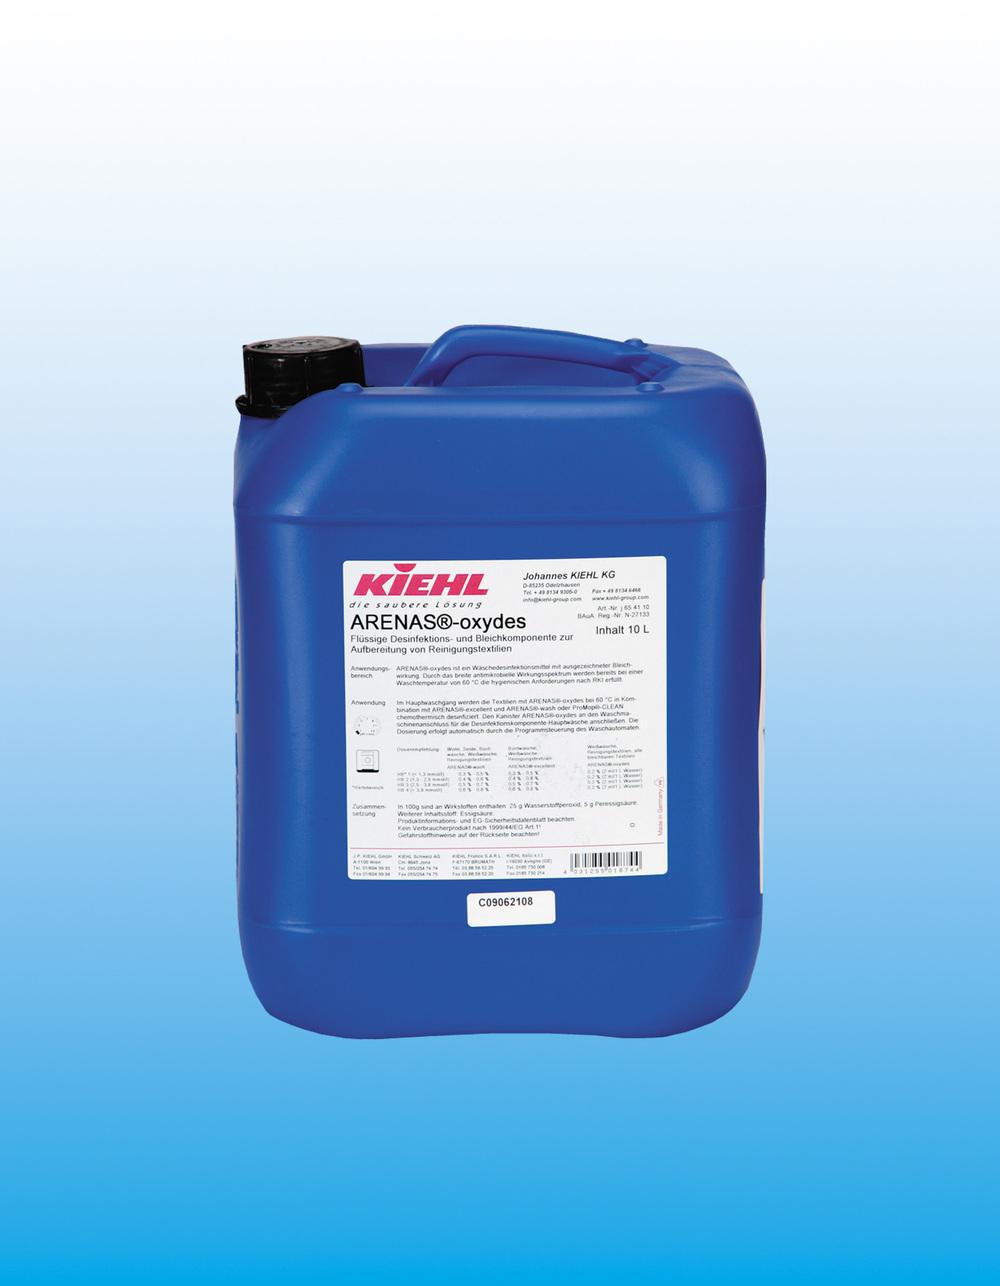 ARENAS®-oxydes            Desinfeksjon og blekemiddel    ARENAS®-oxydes er et desinfeksjonsmiddel utviklet for rengjøring av tekstiler med gode bleke egenskaper. ARENAS®-oxydes tilfredstiller de hygieniske kravene til Robert Koch Institute